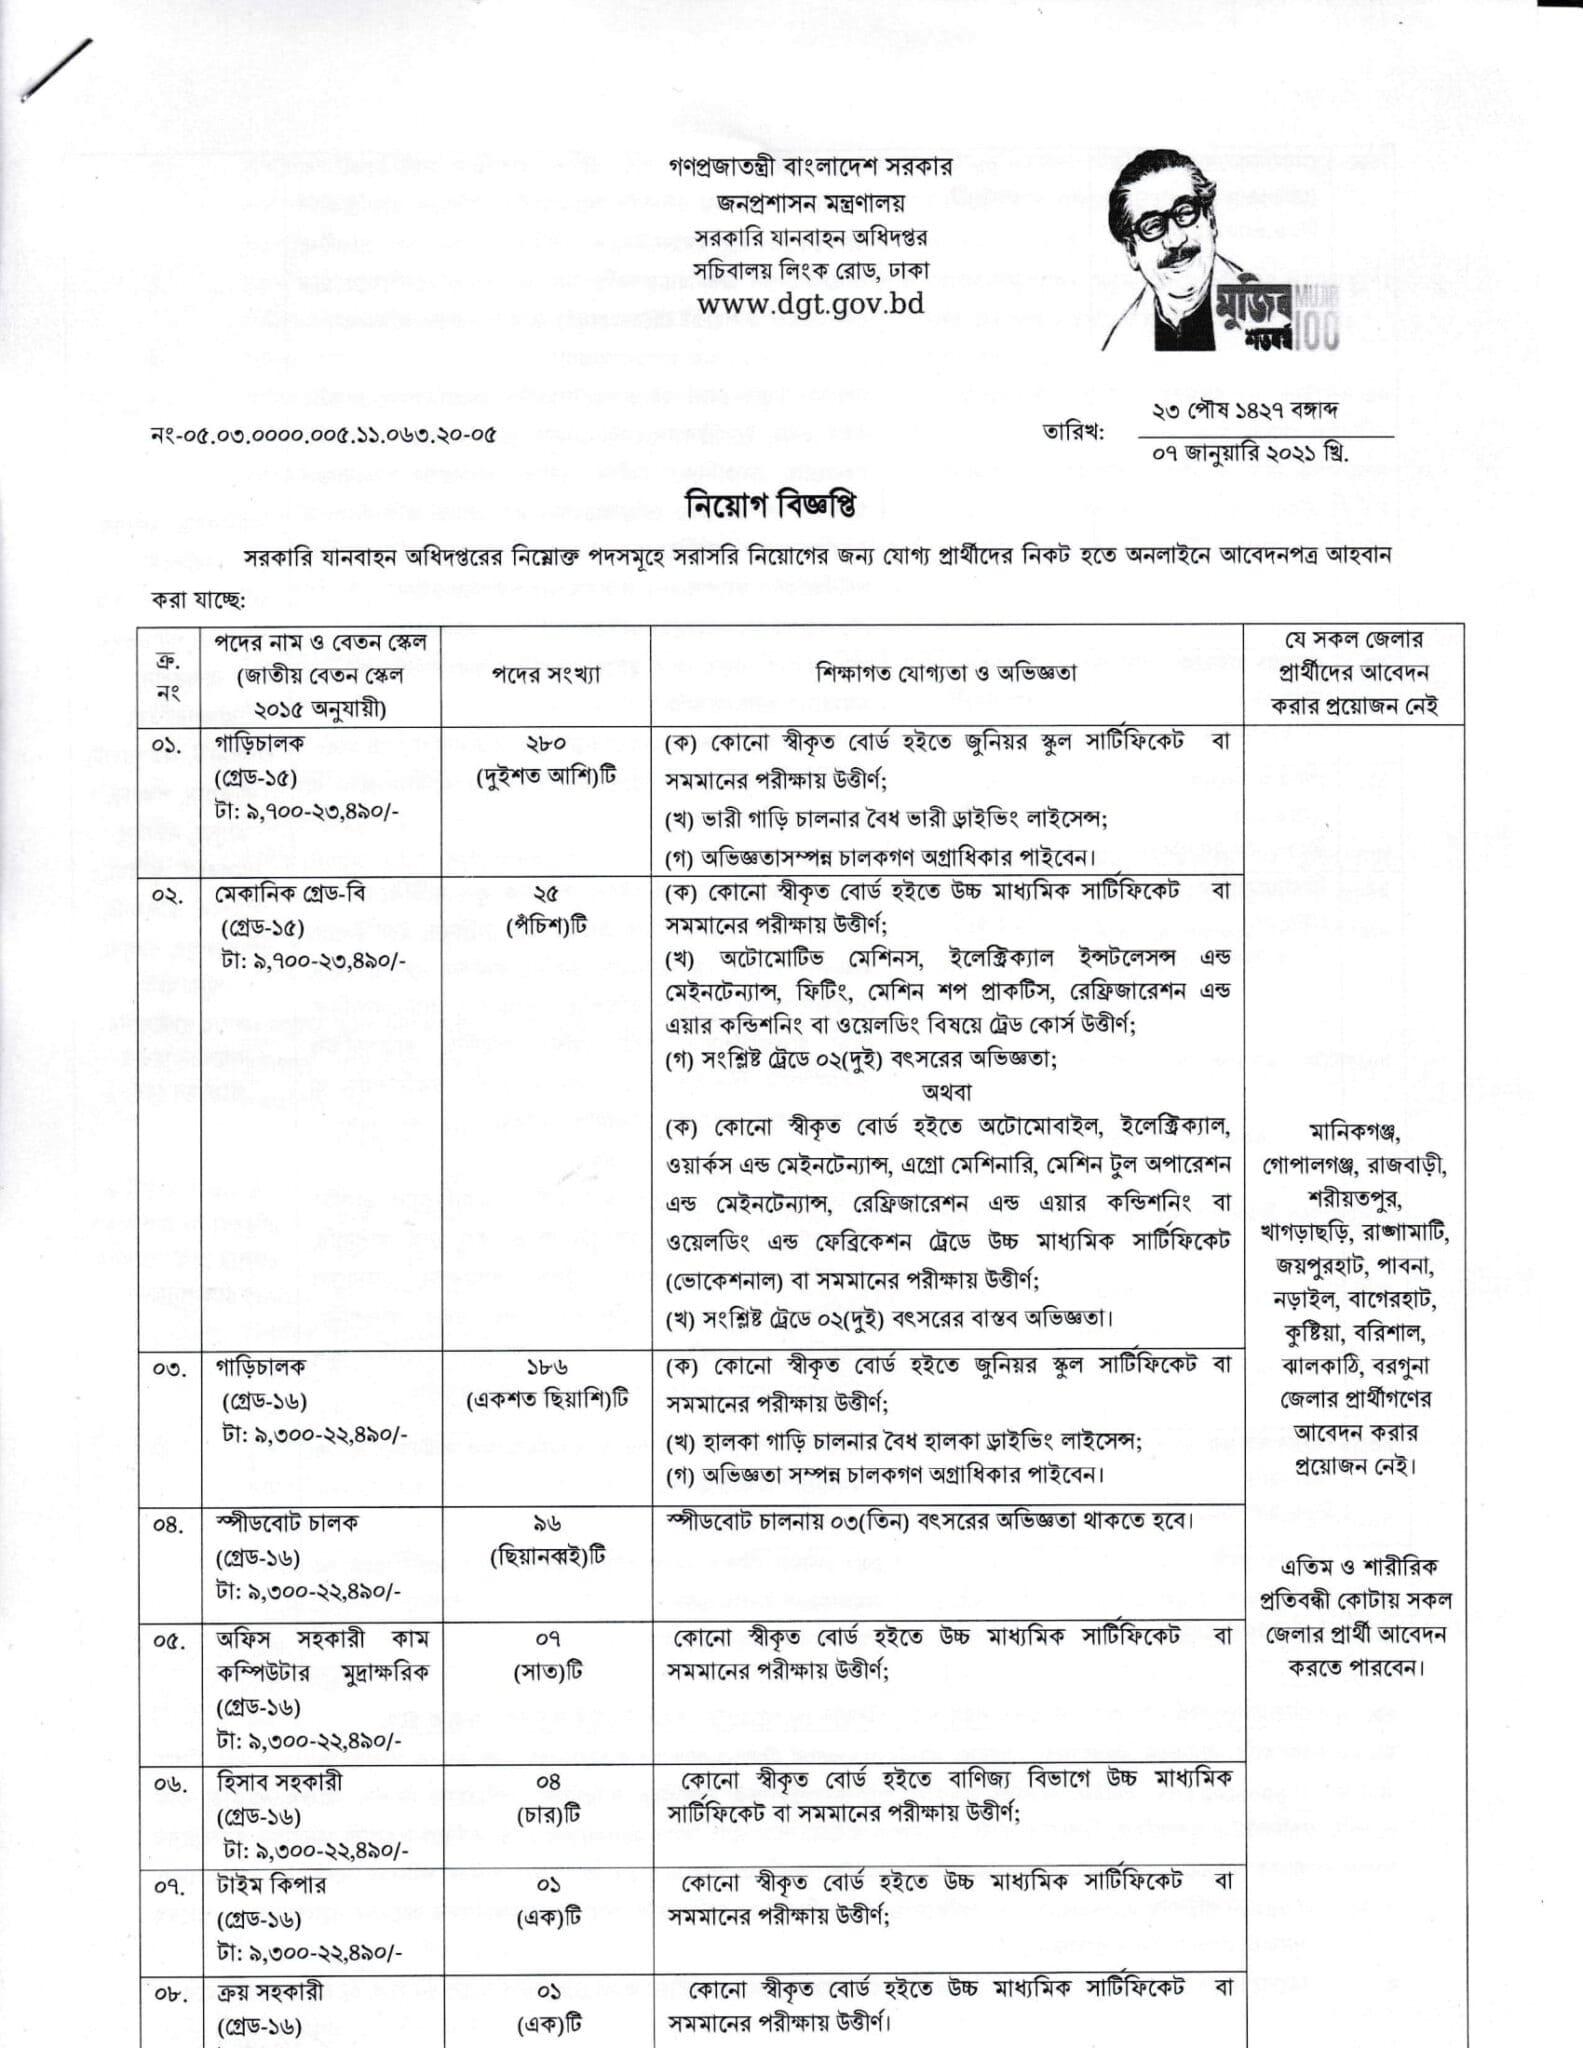 DGT Job Circular 2021